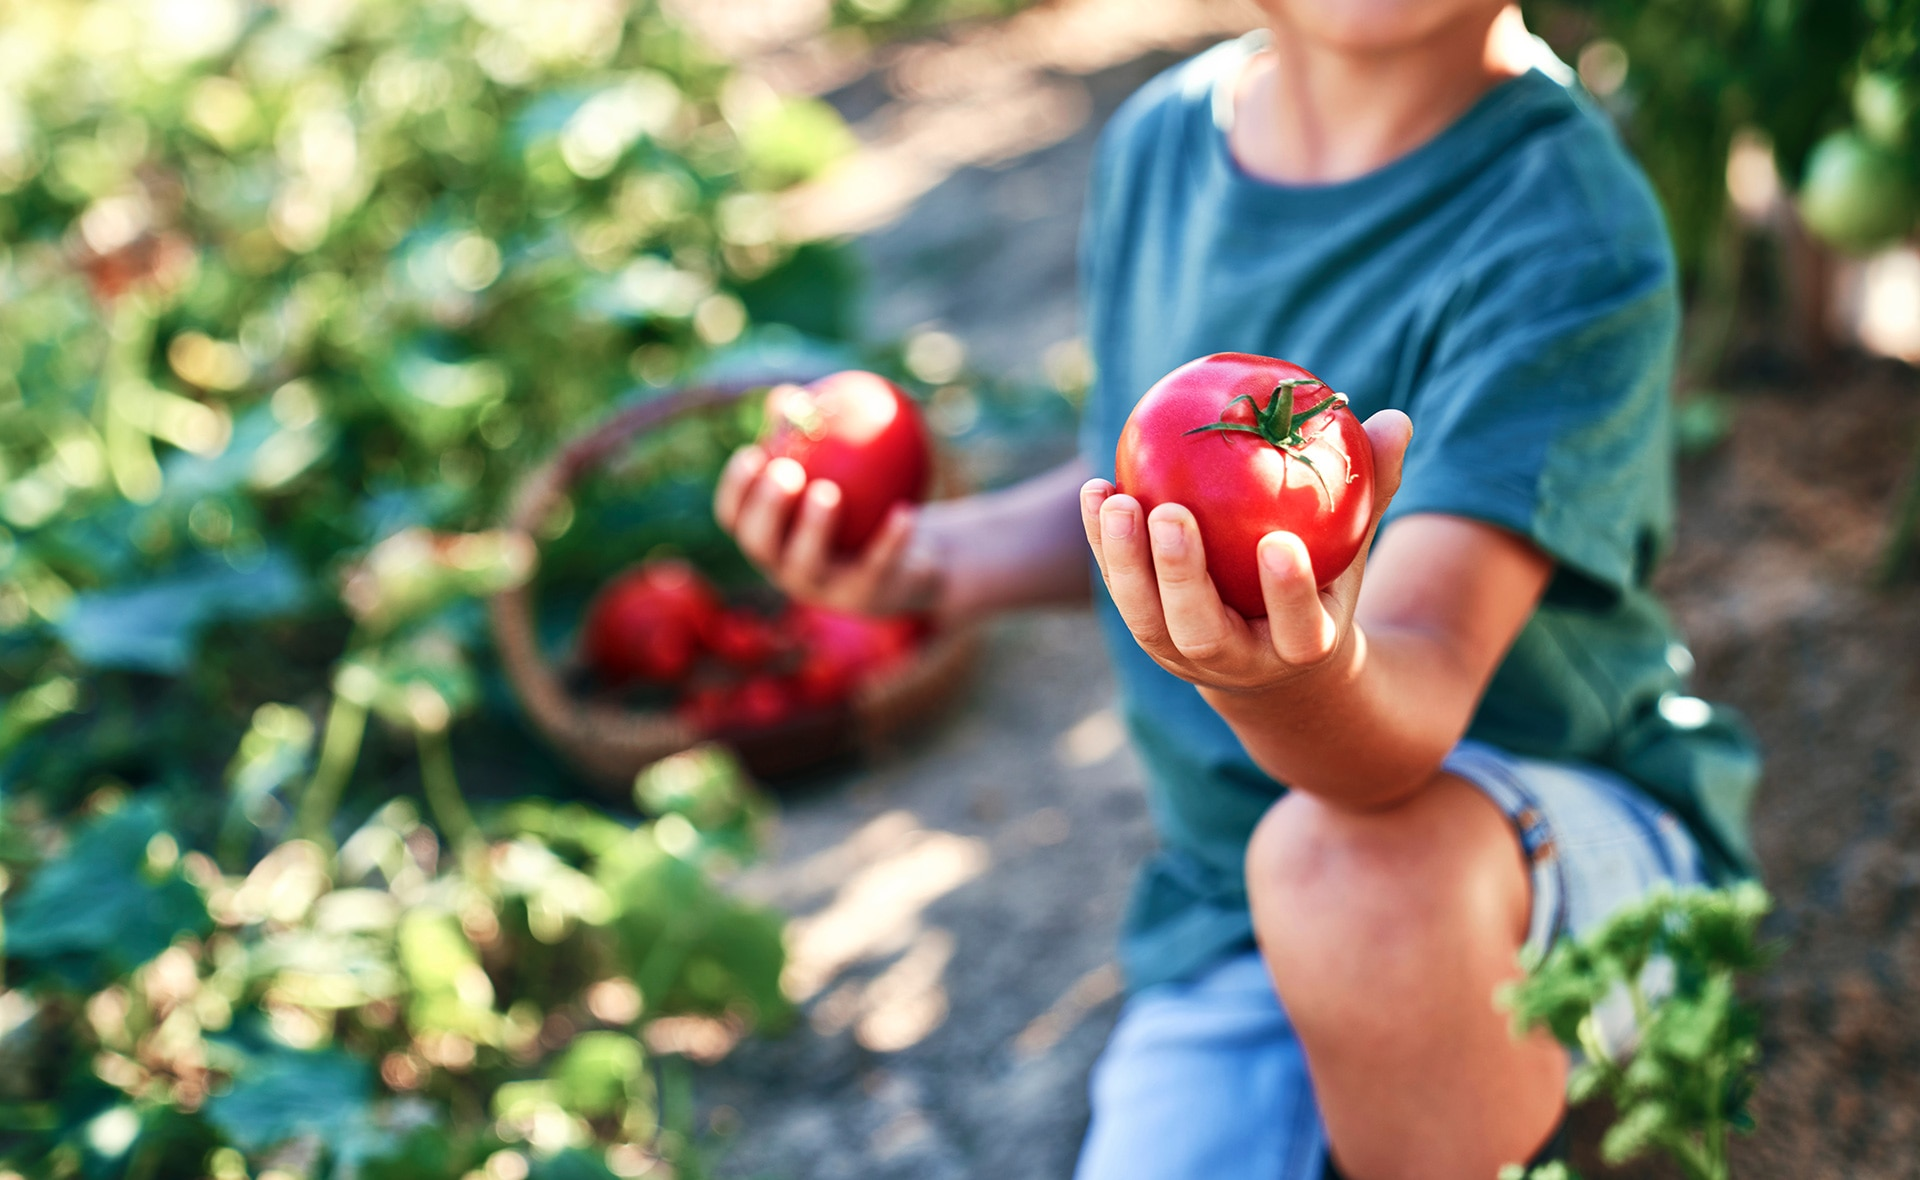 BBVA-cultivo-tomates-gastronomia-sostenibilidad-huerto